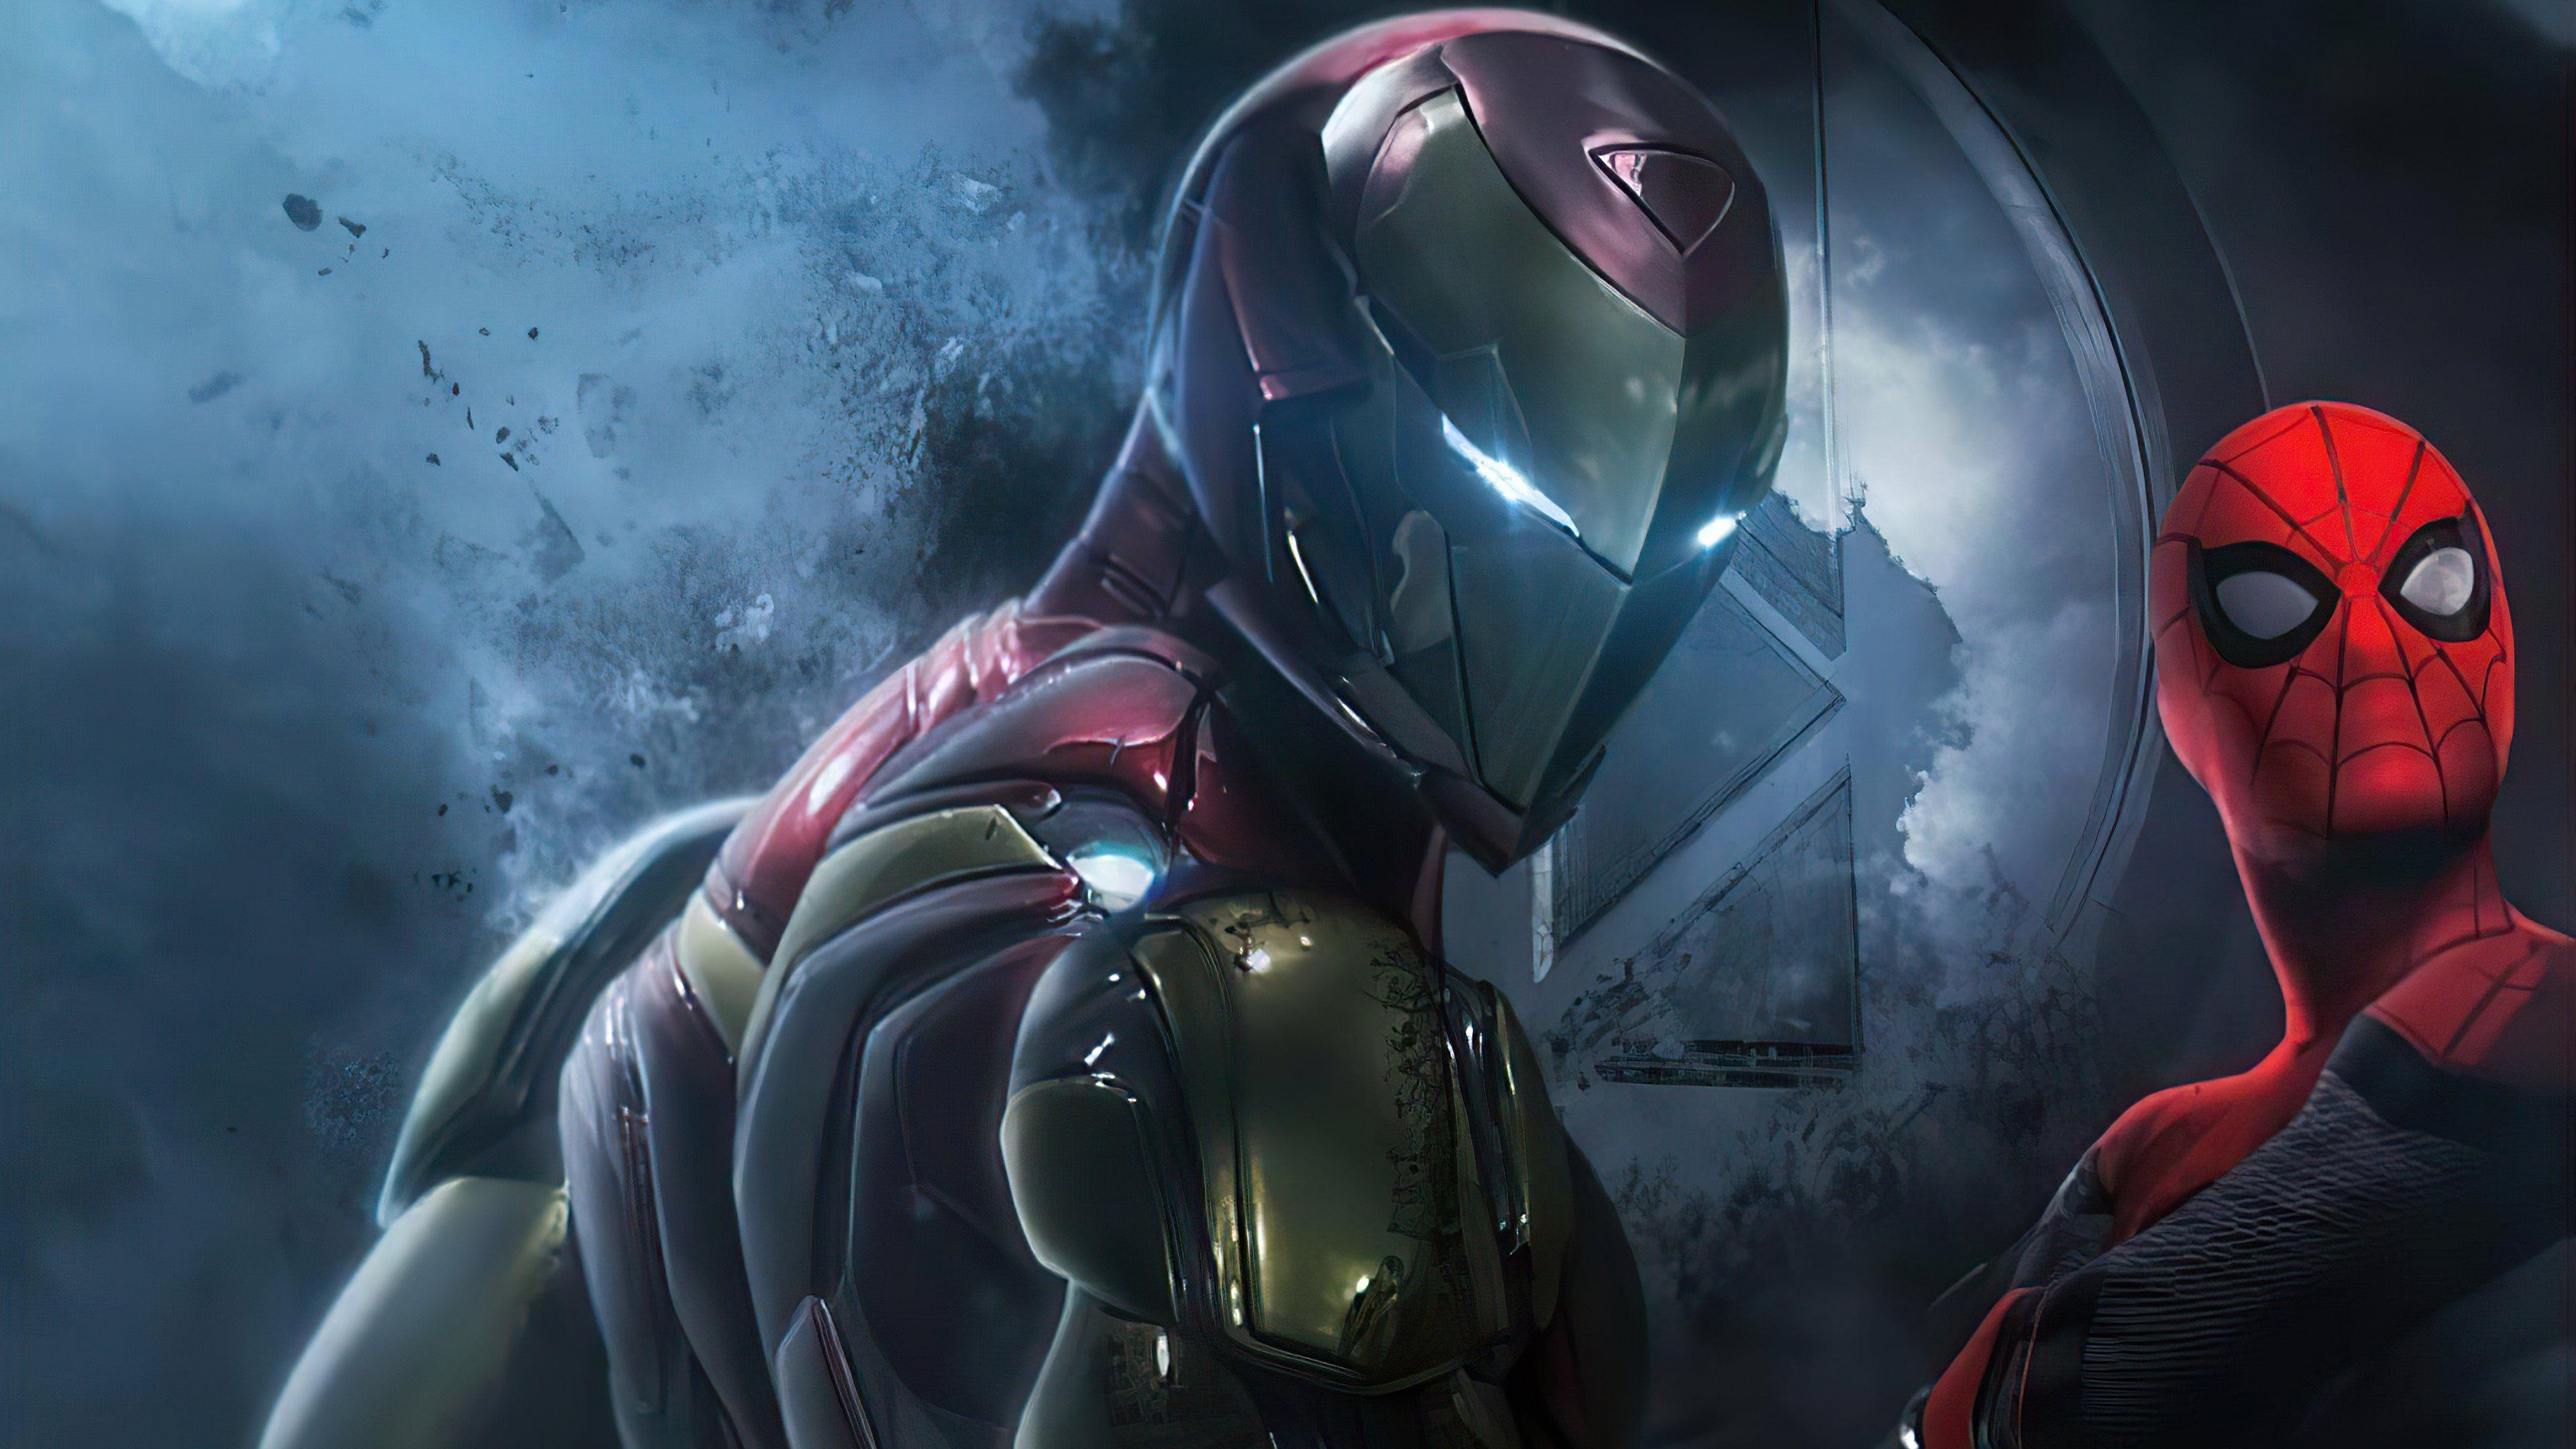 Fondos de pantalla Iron man y Spiderman